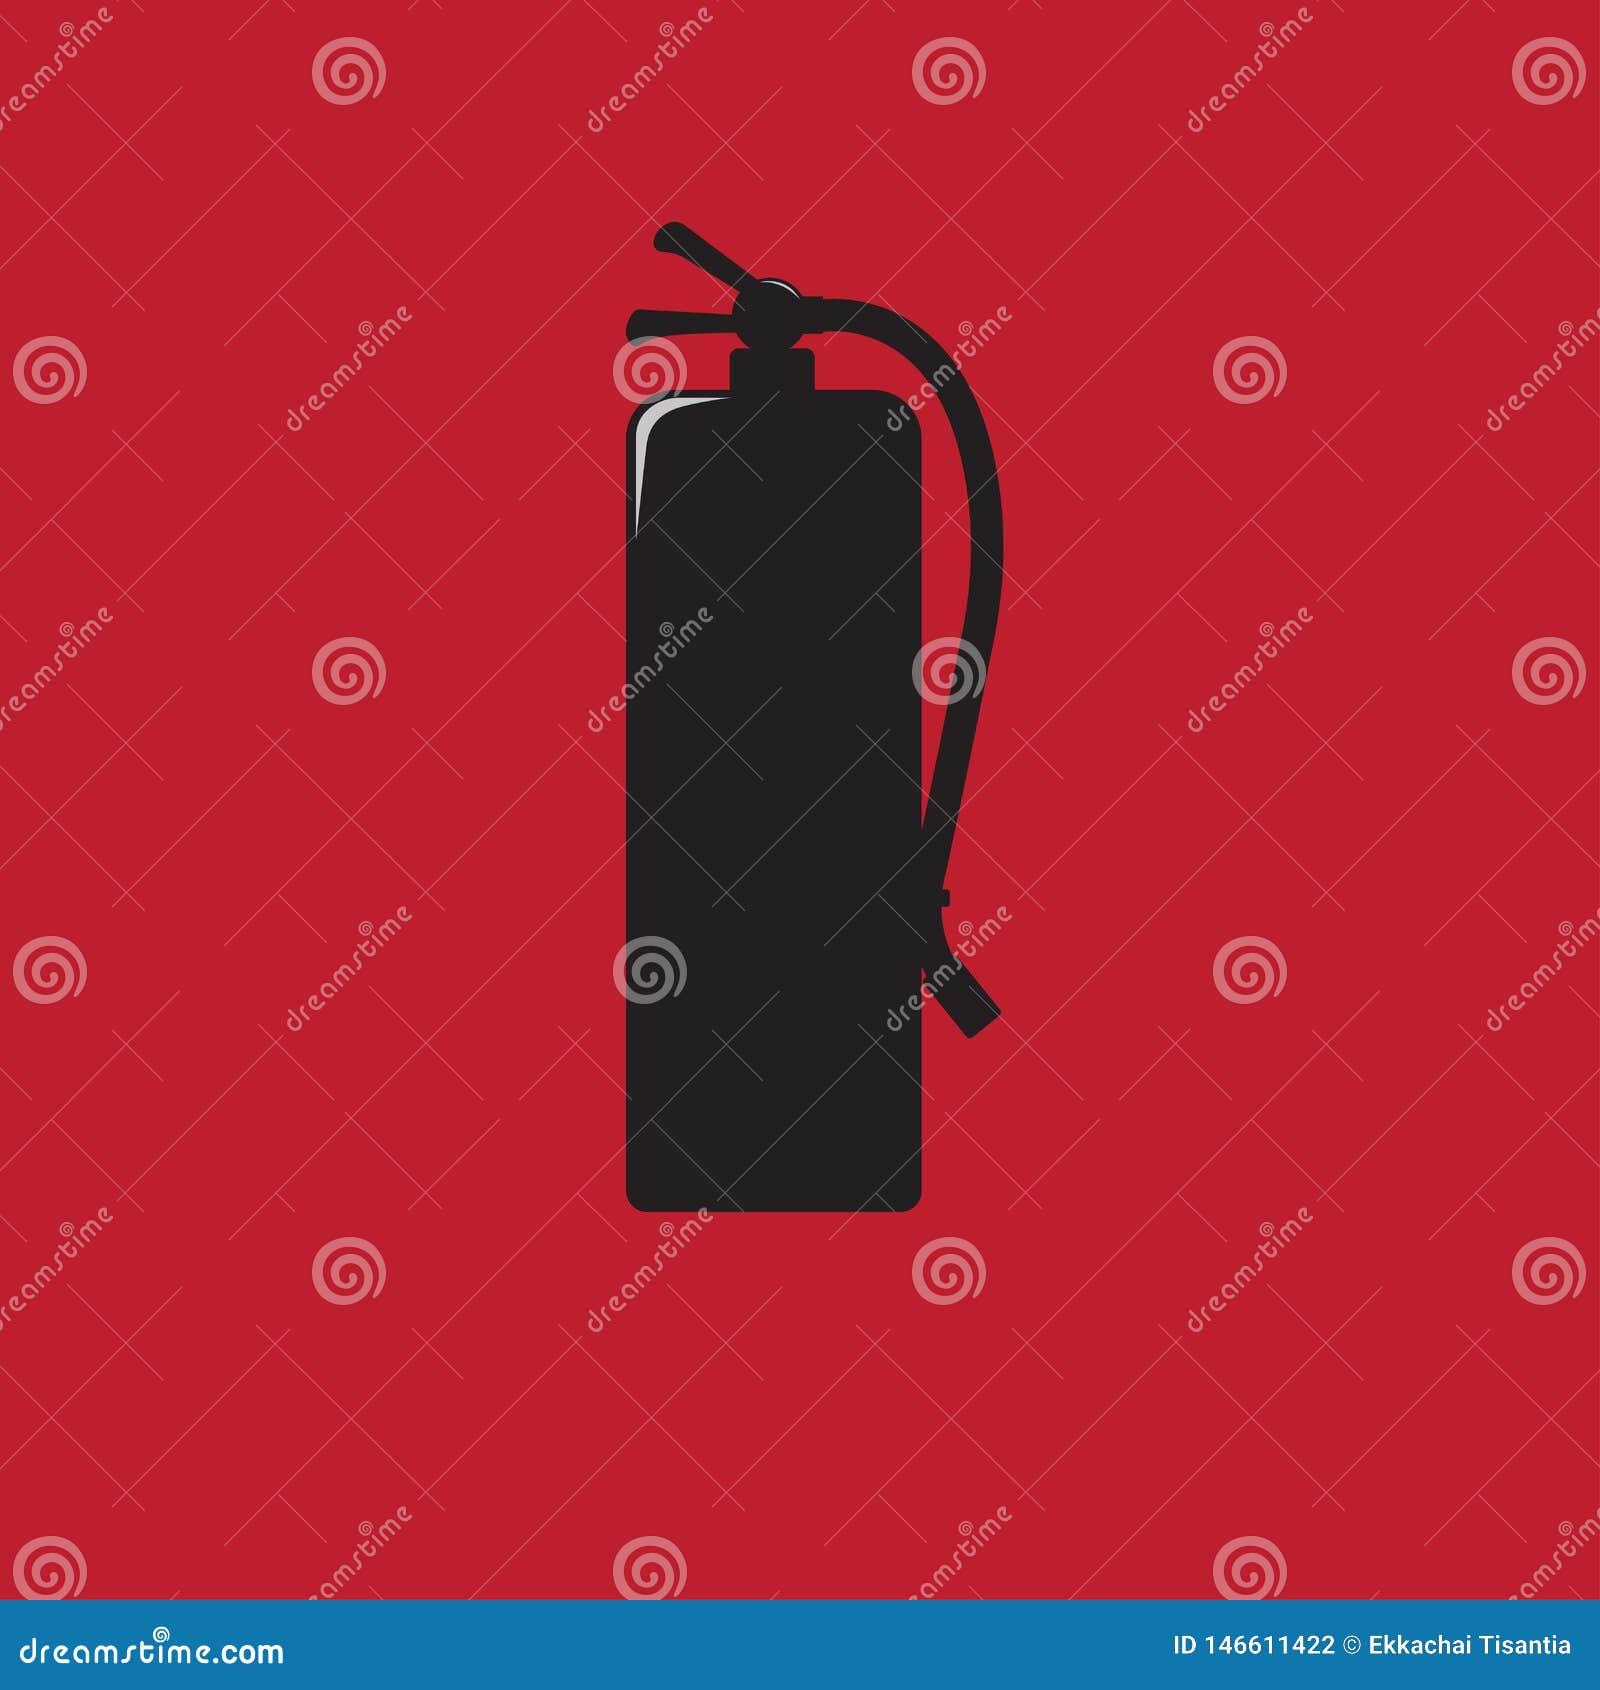 Feuerlöscher unterzeichnet schwarze Ikonenvektorillustration